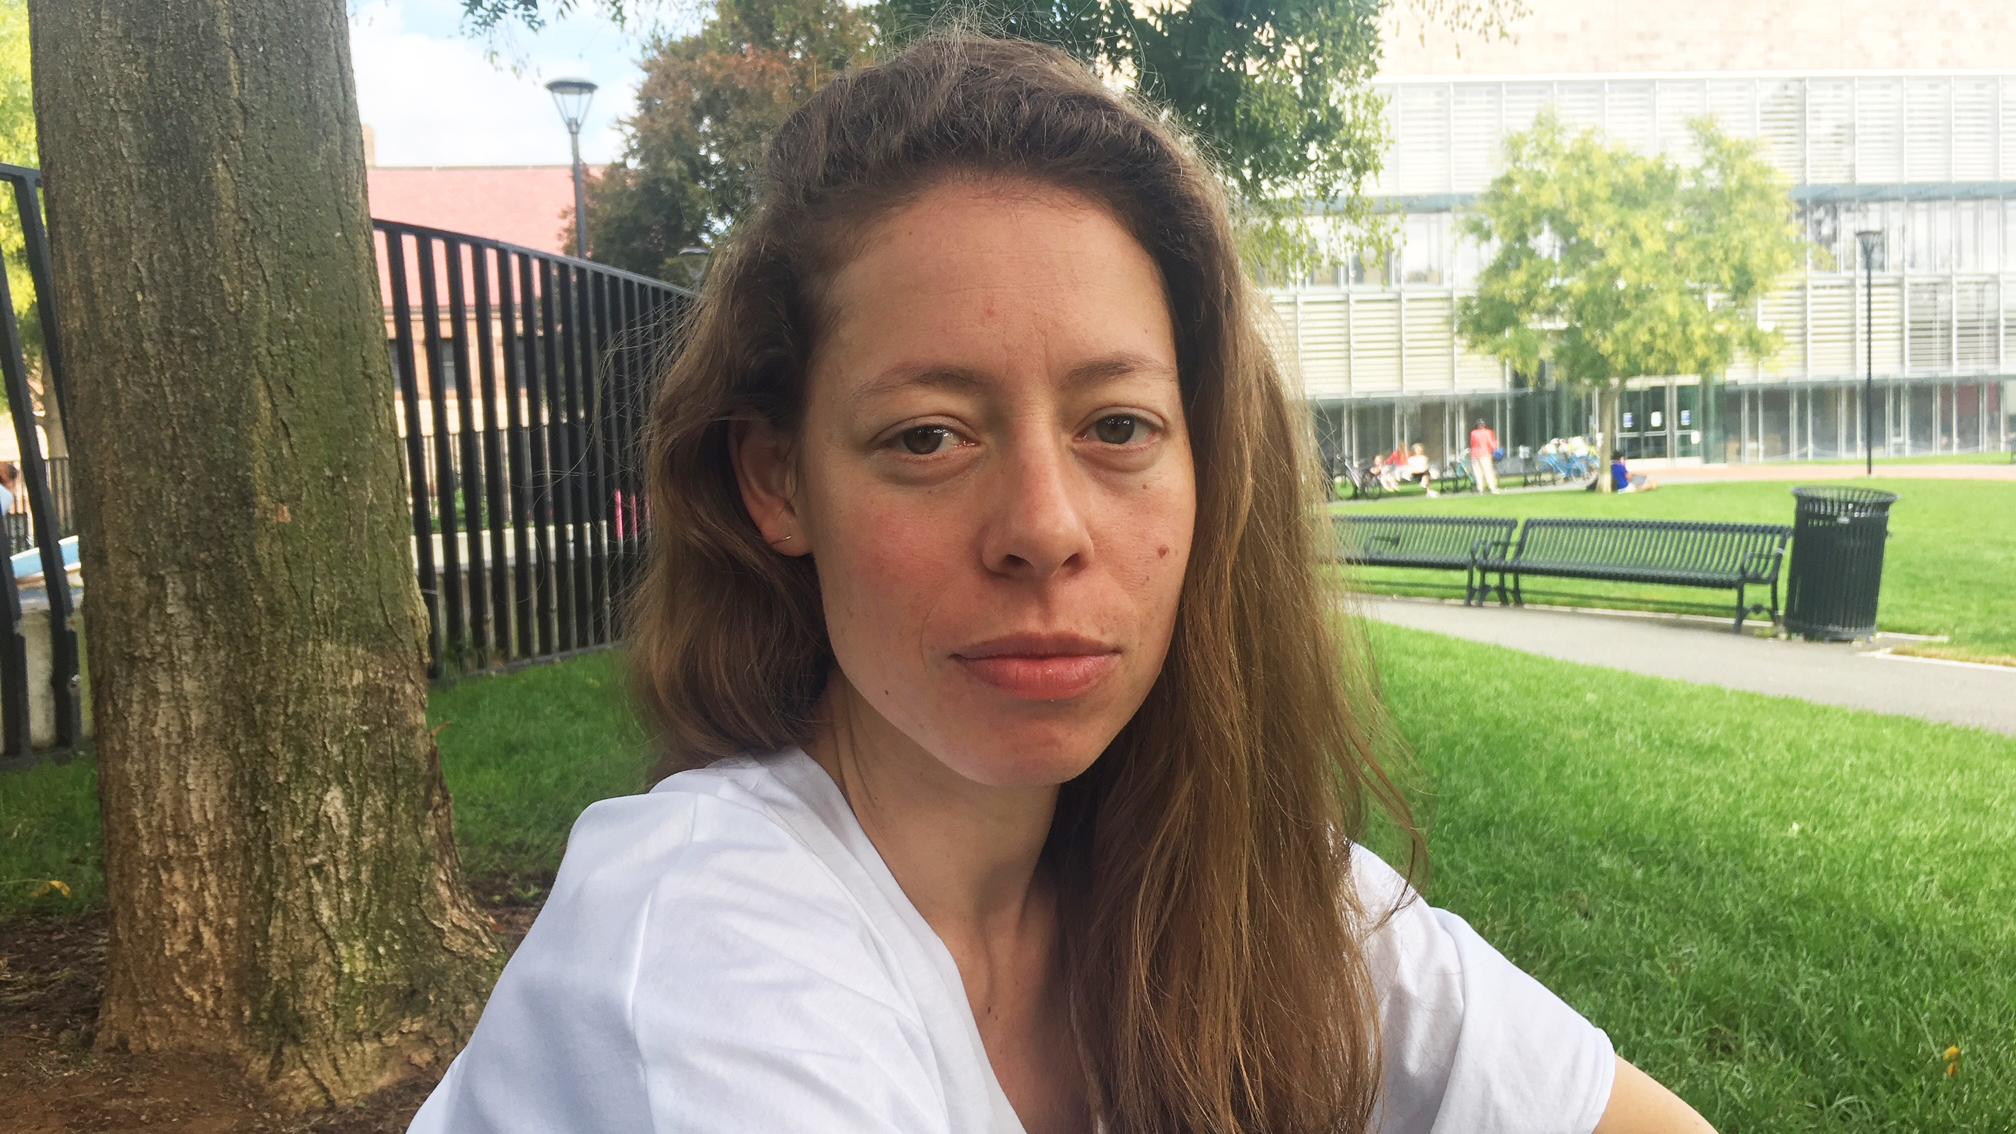 Portrait of Kathryn Abarbanel